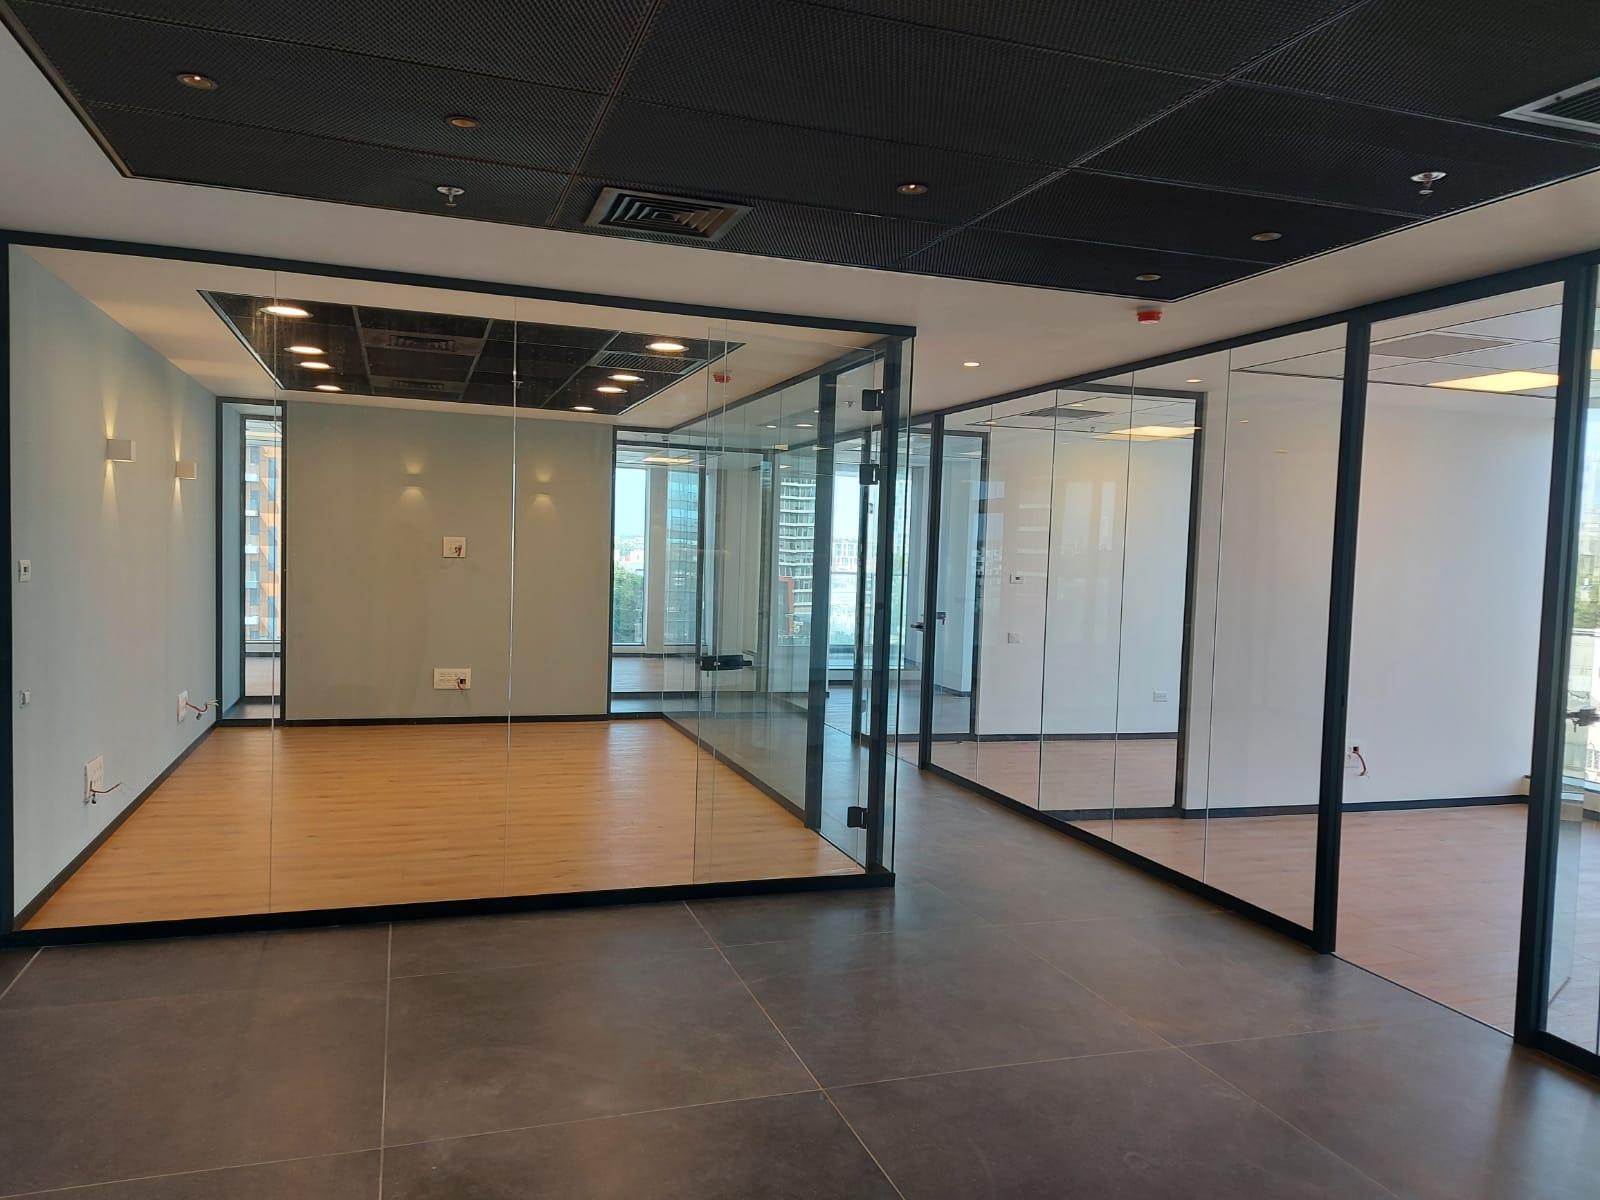 8חדרים כולל חדר ישיבות